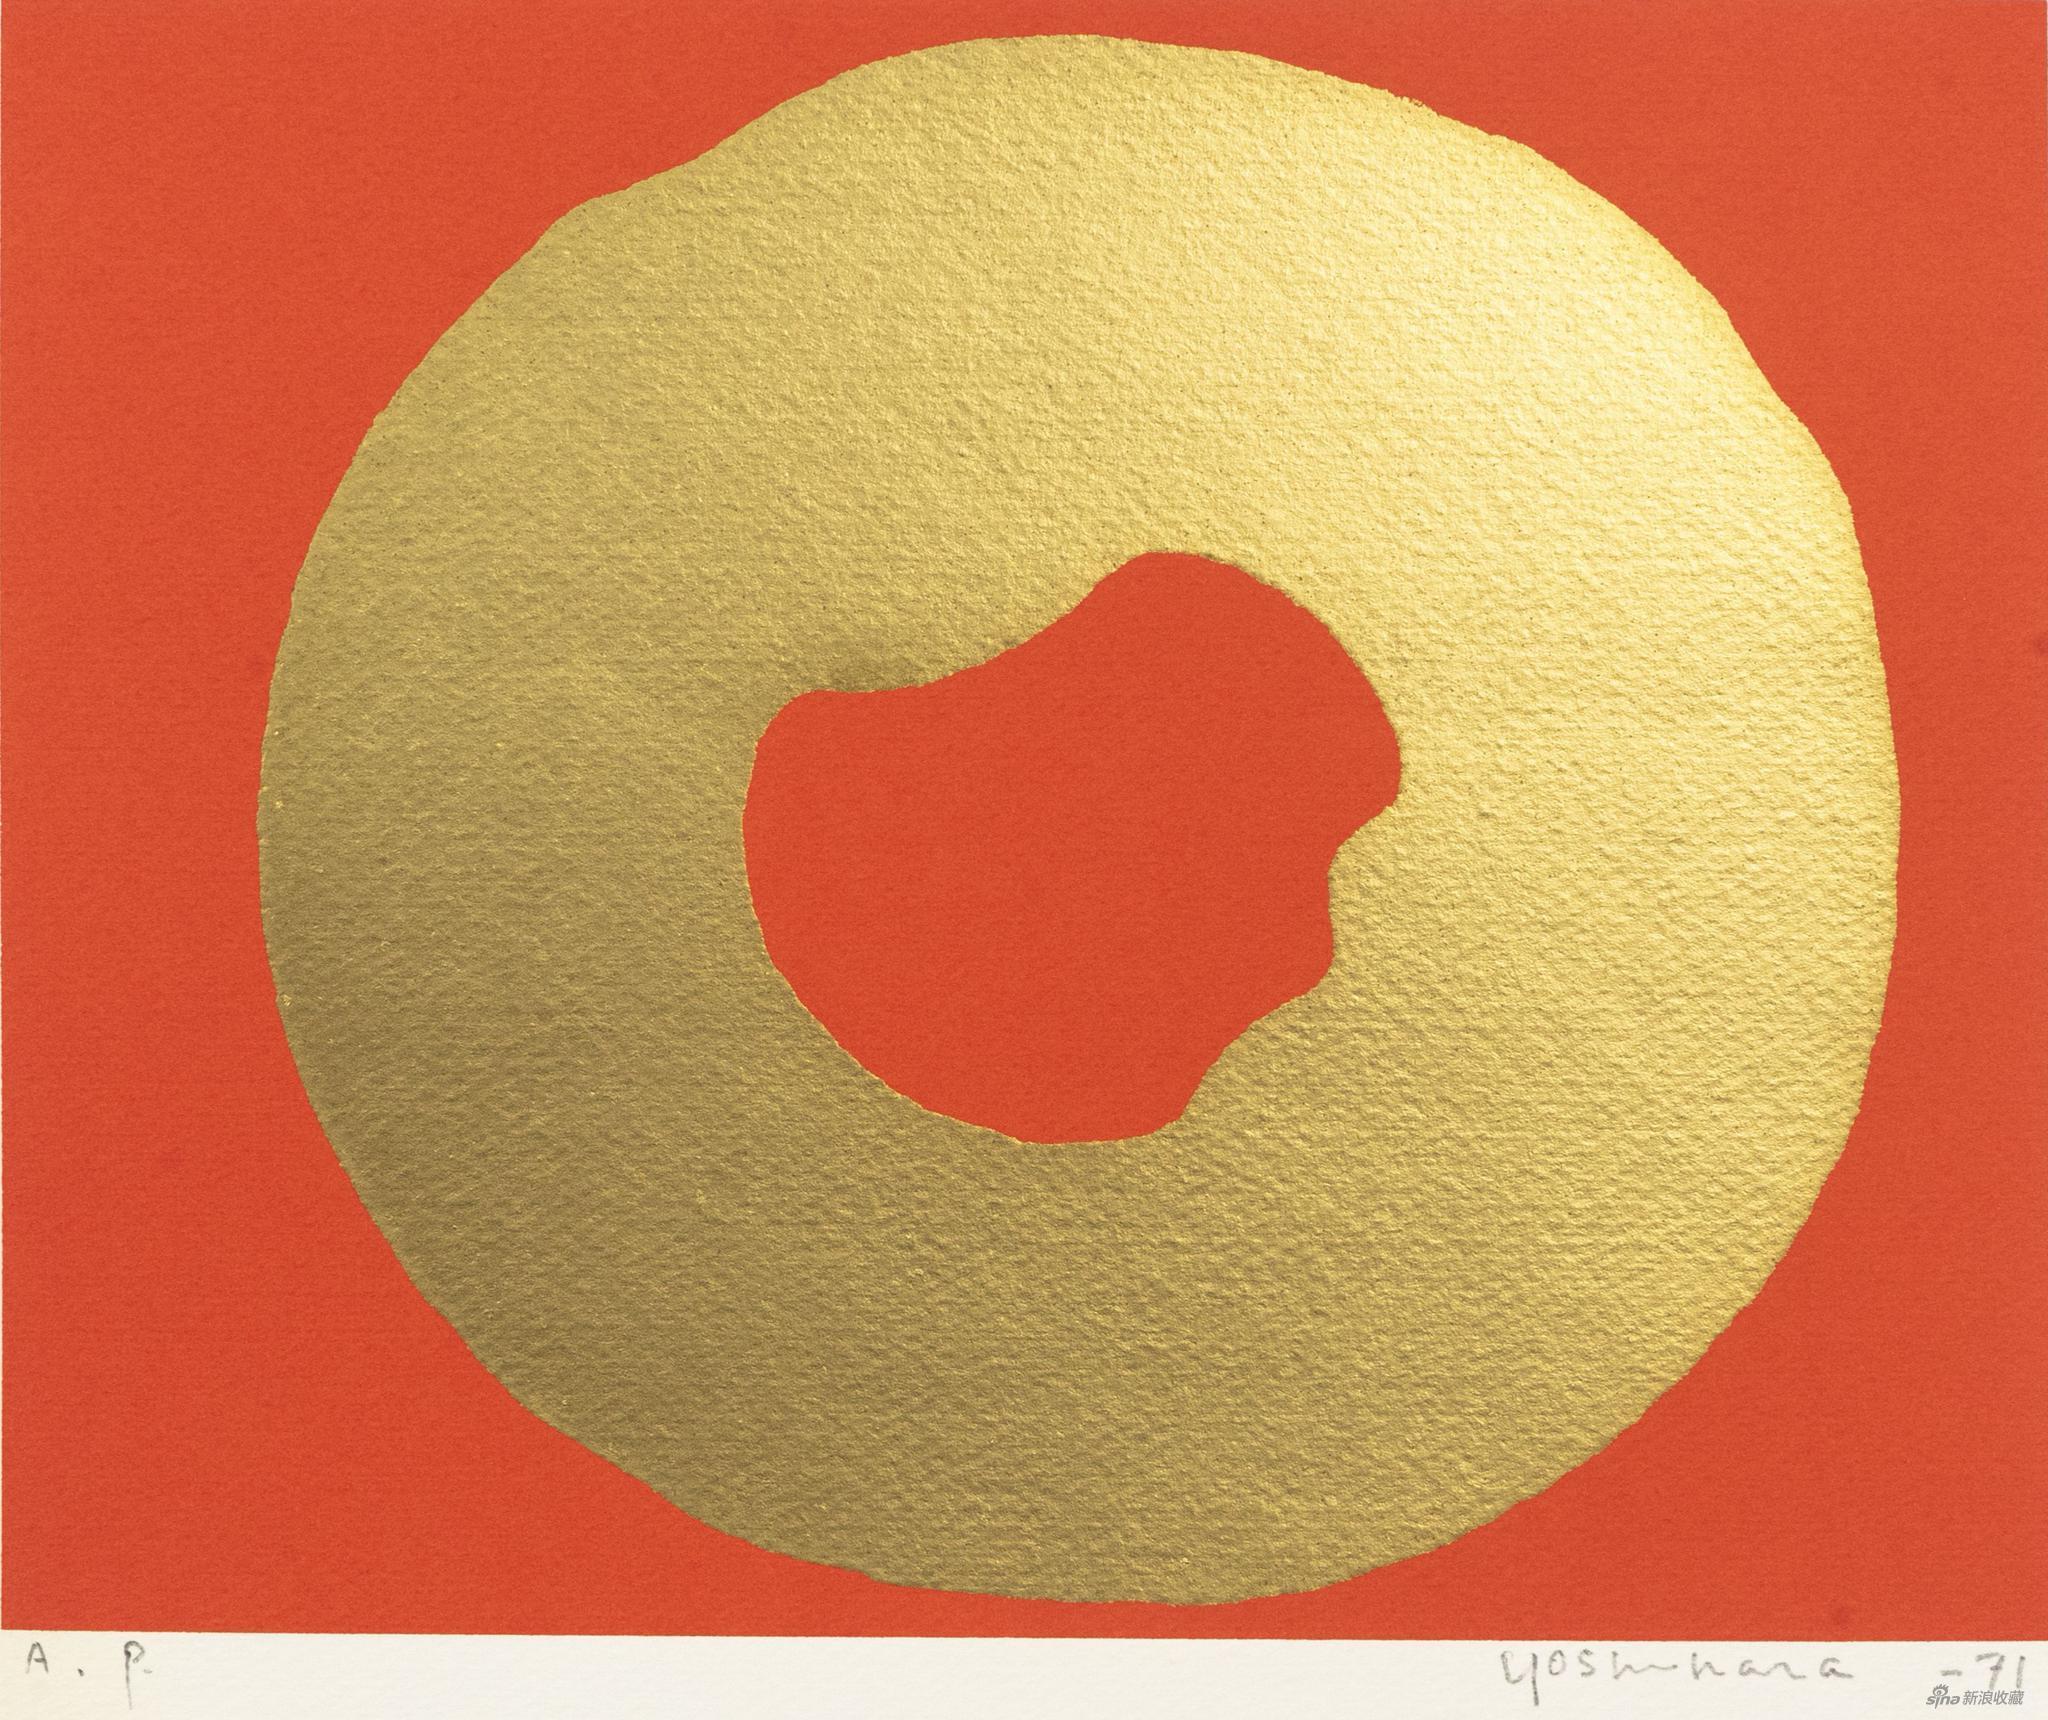 吉原治良《作品》;27x36.5cm;AP版;丝网版画;1971